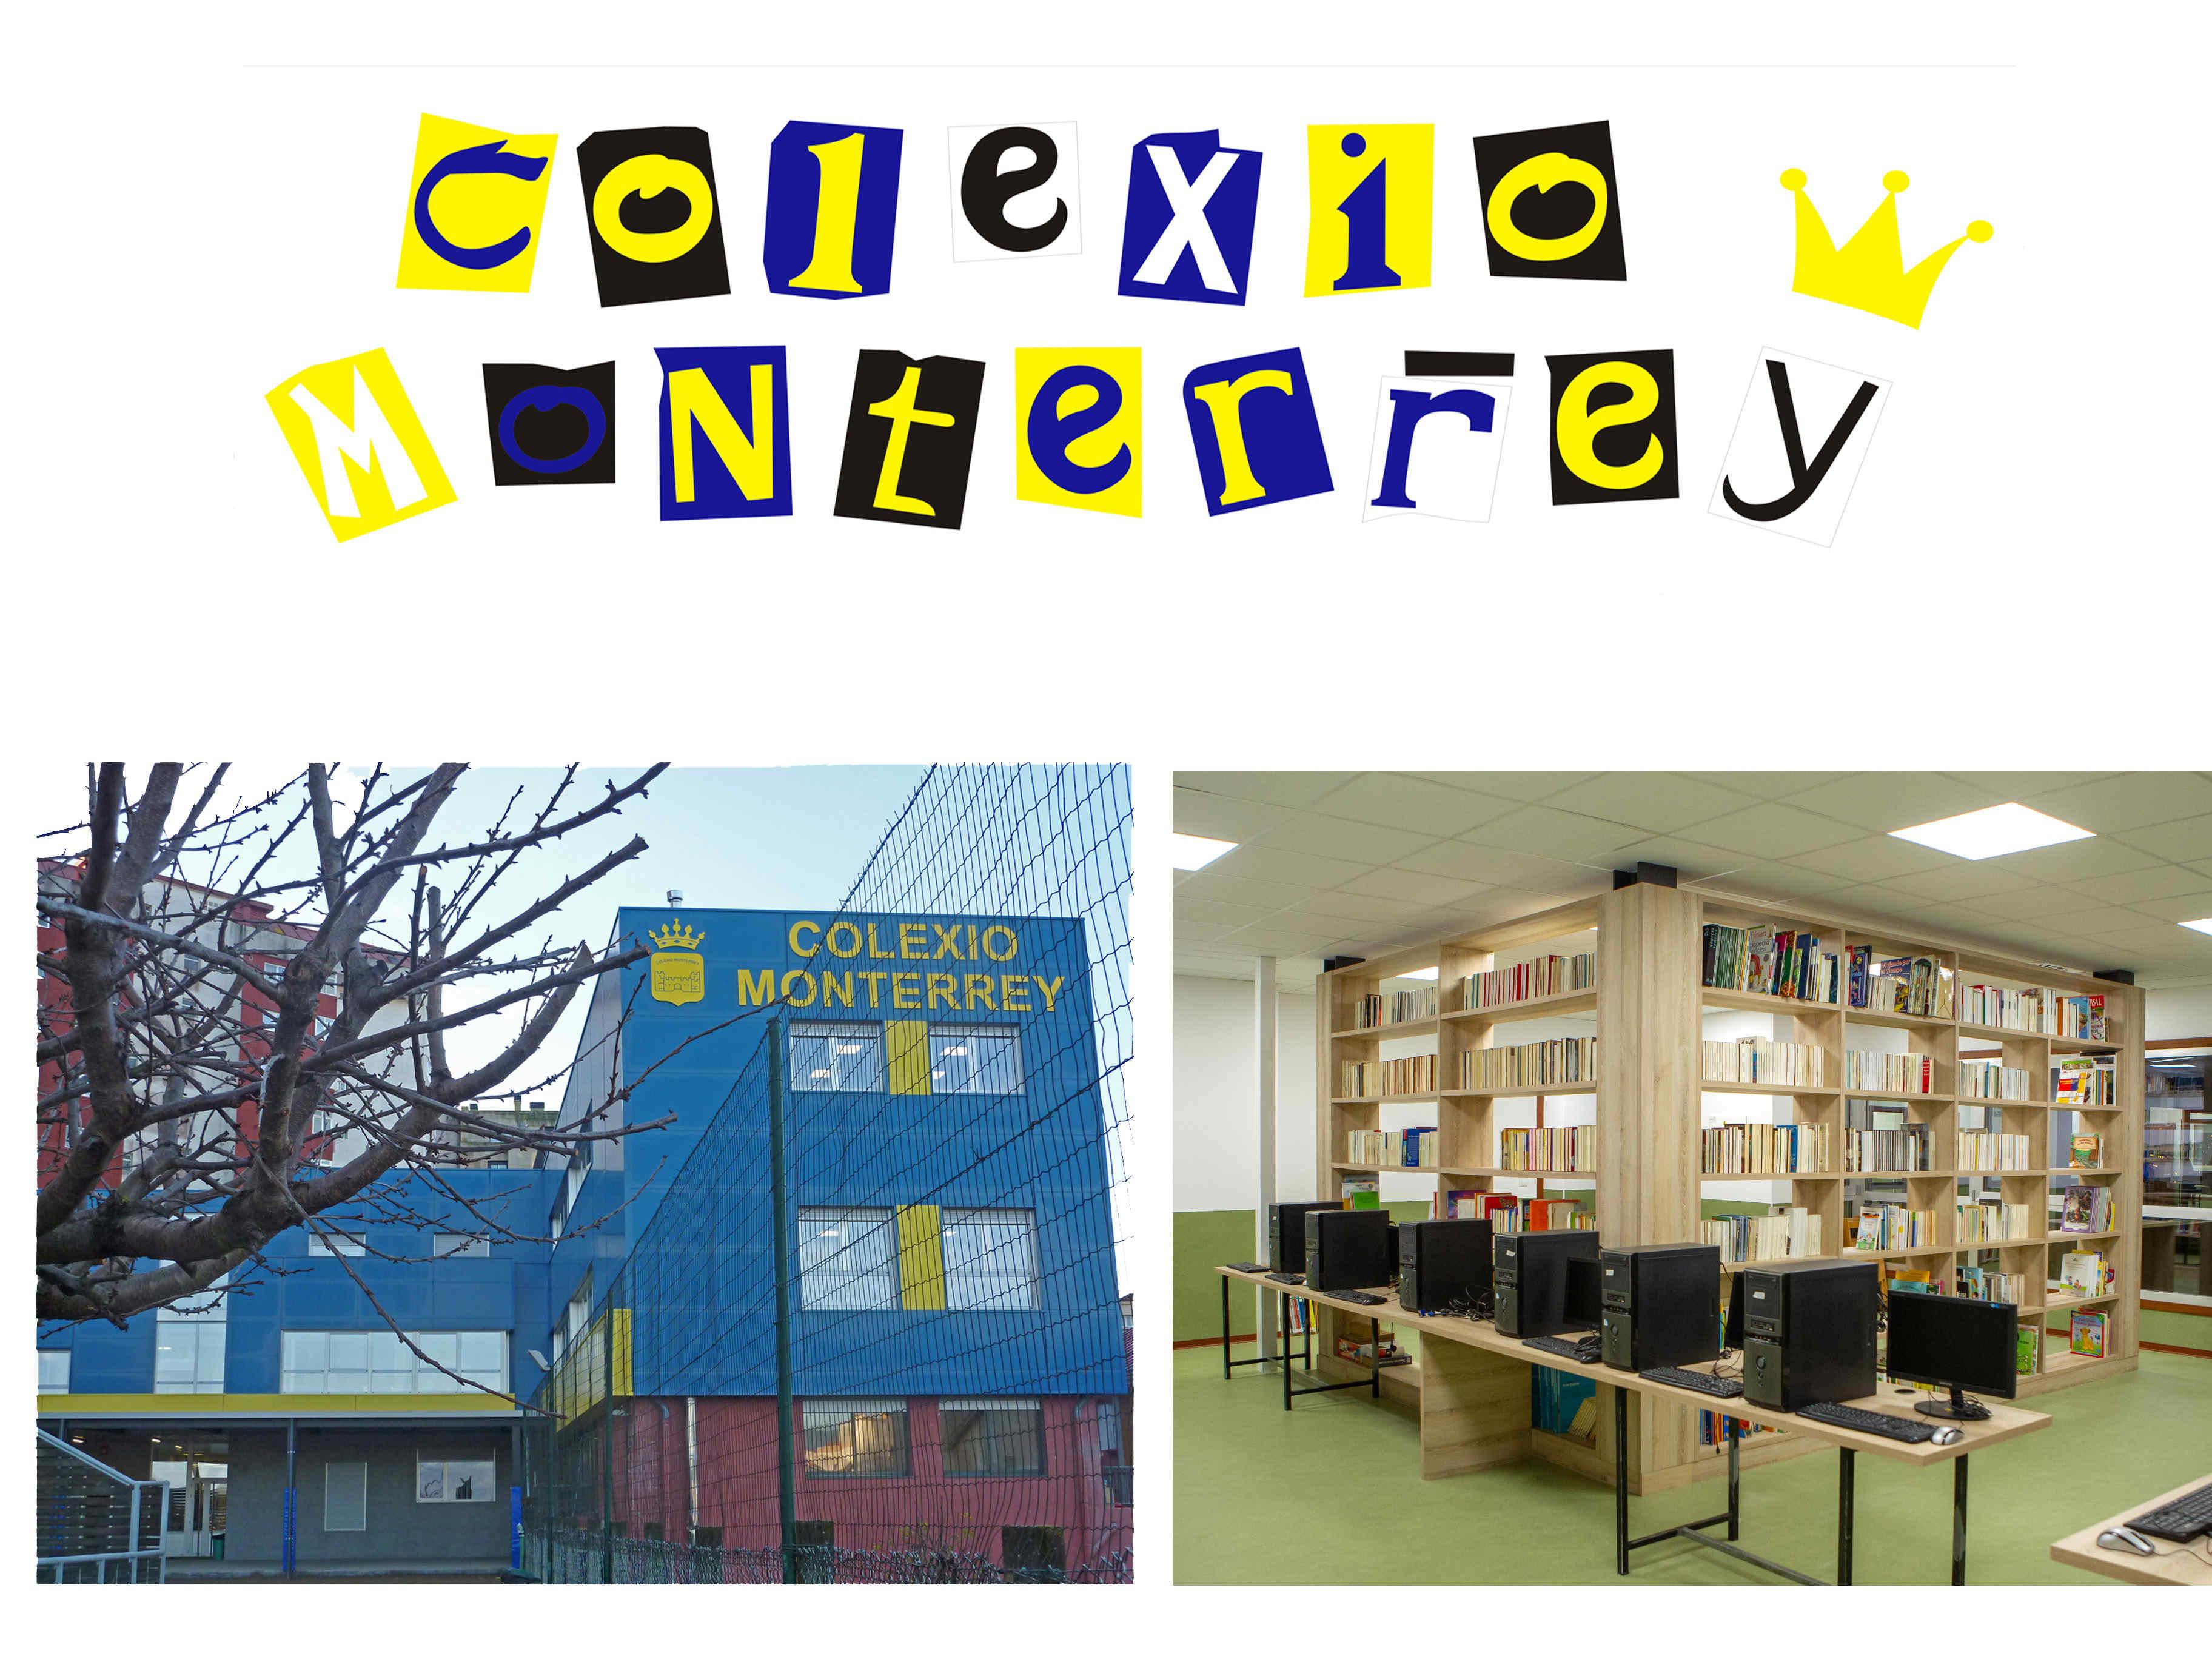 Colegio Monterrey